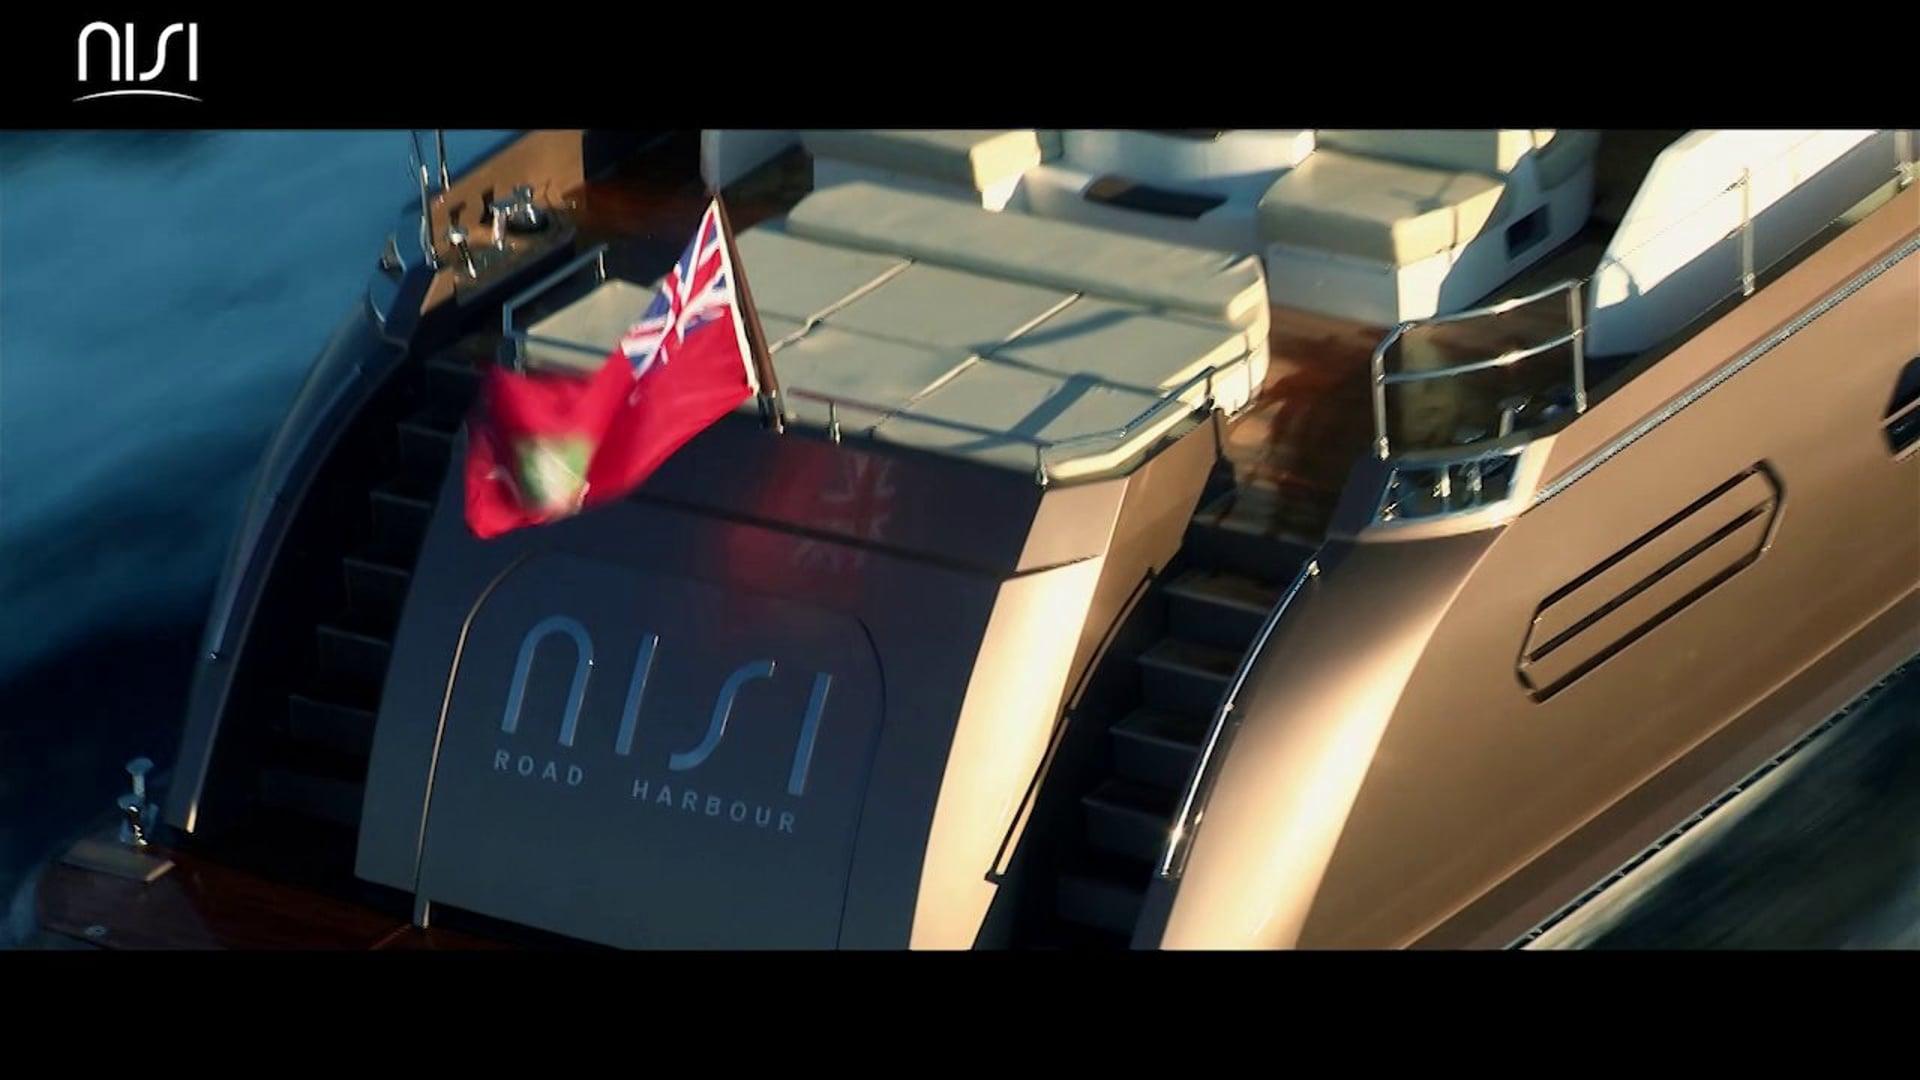 NISI Shipyard Promo film